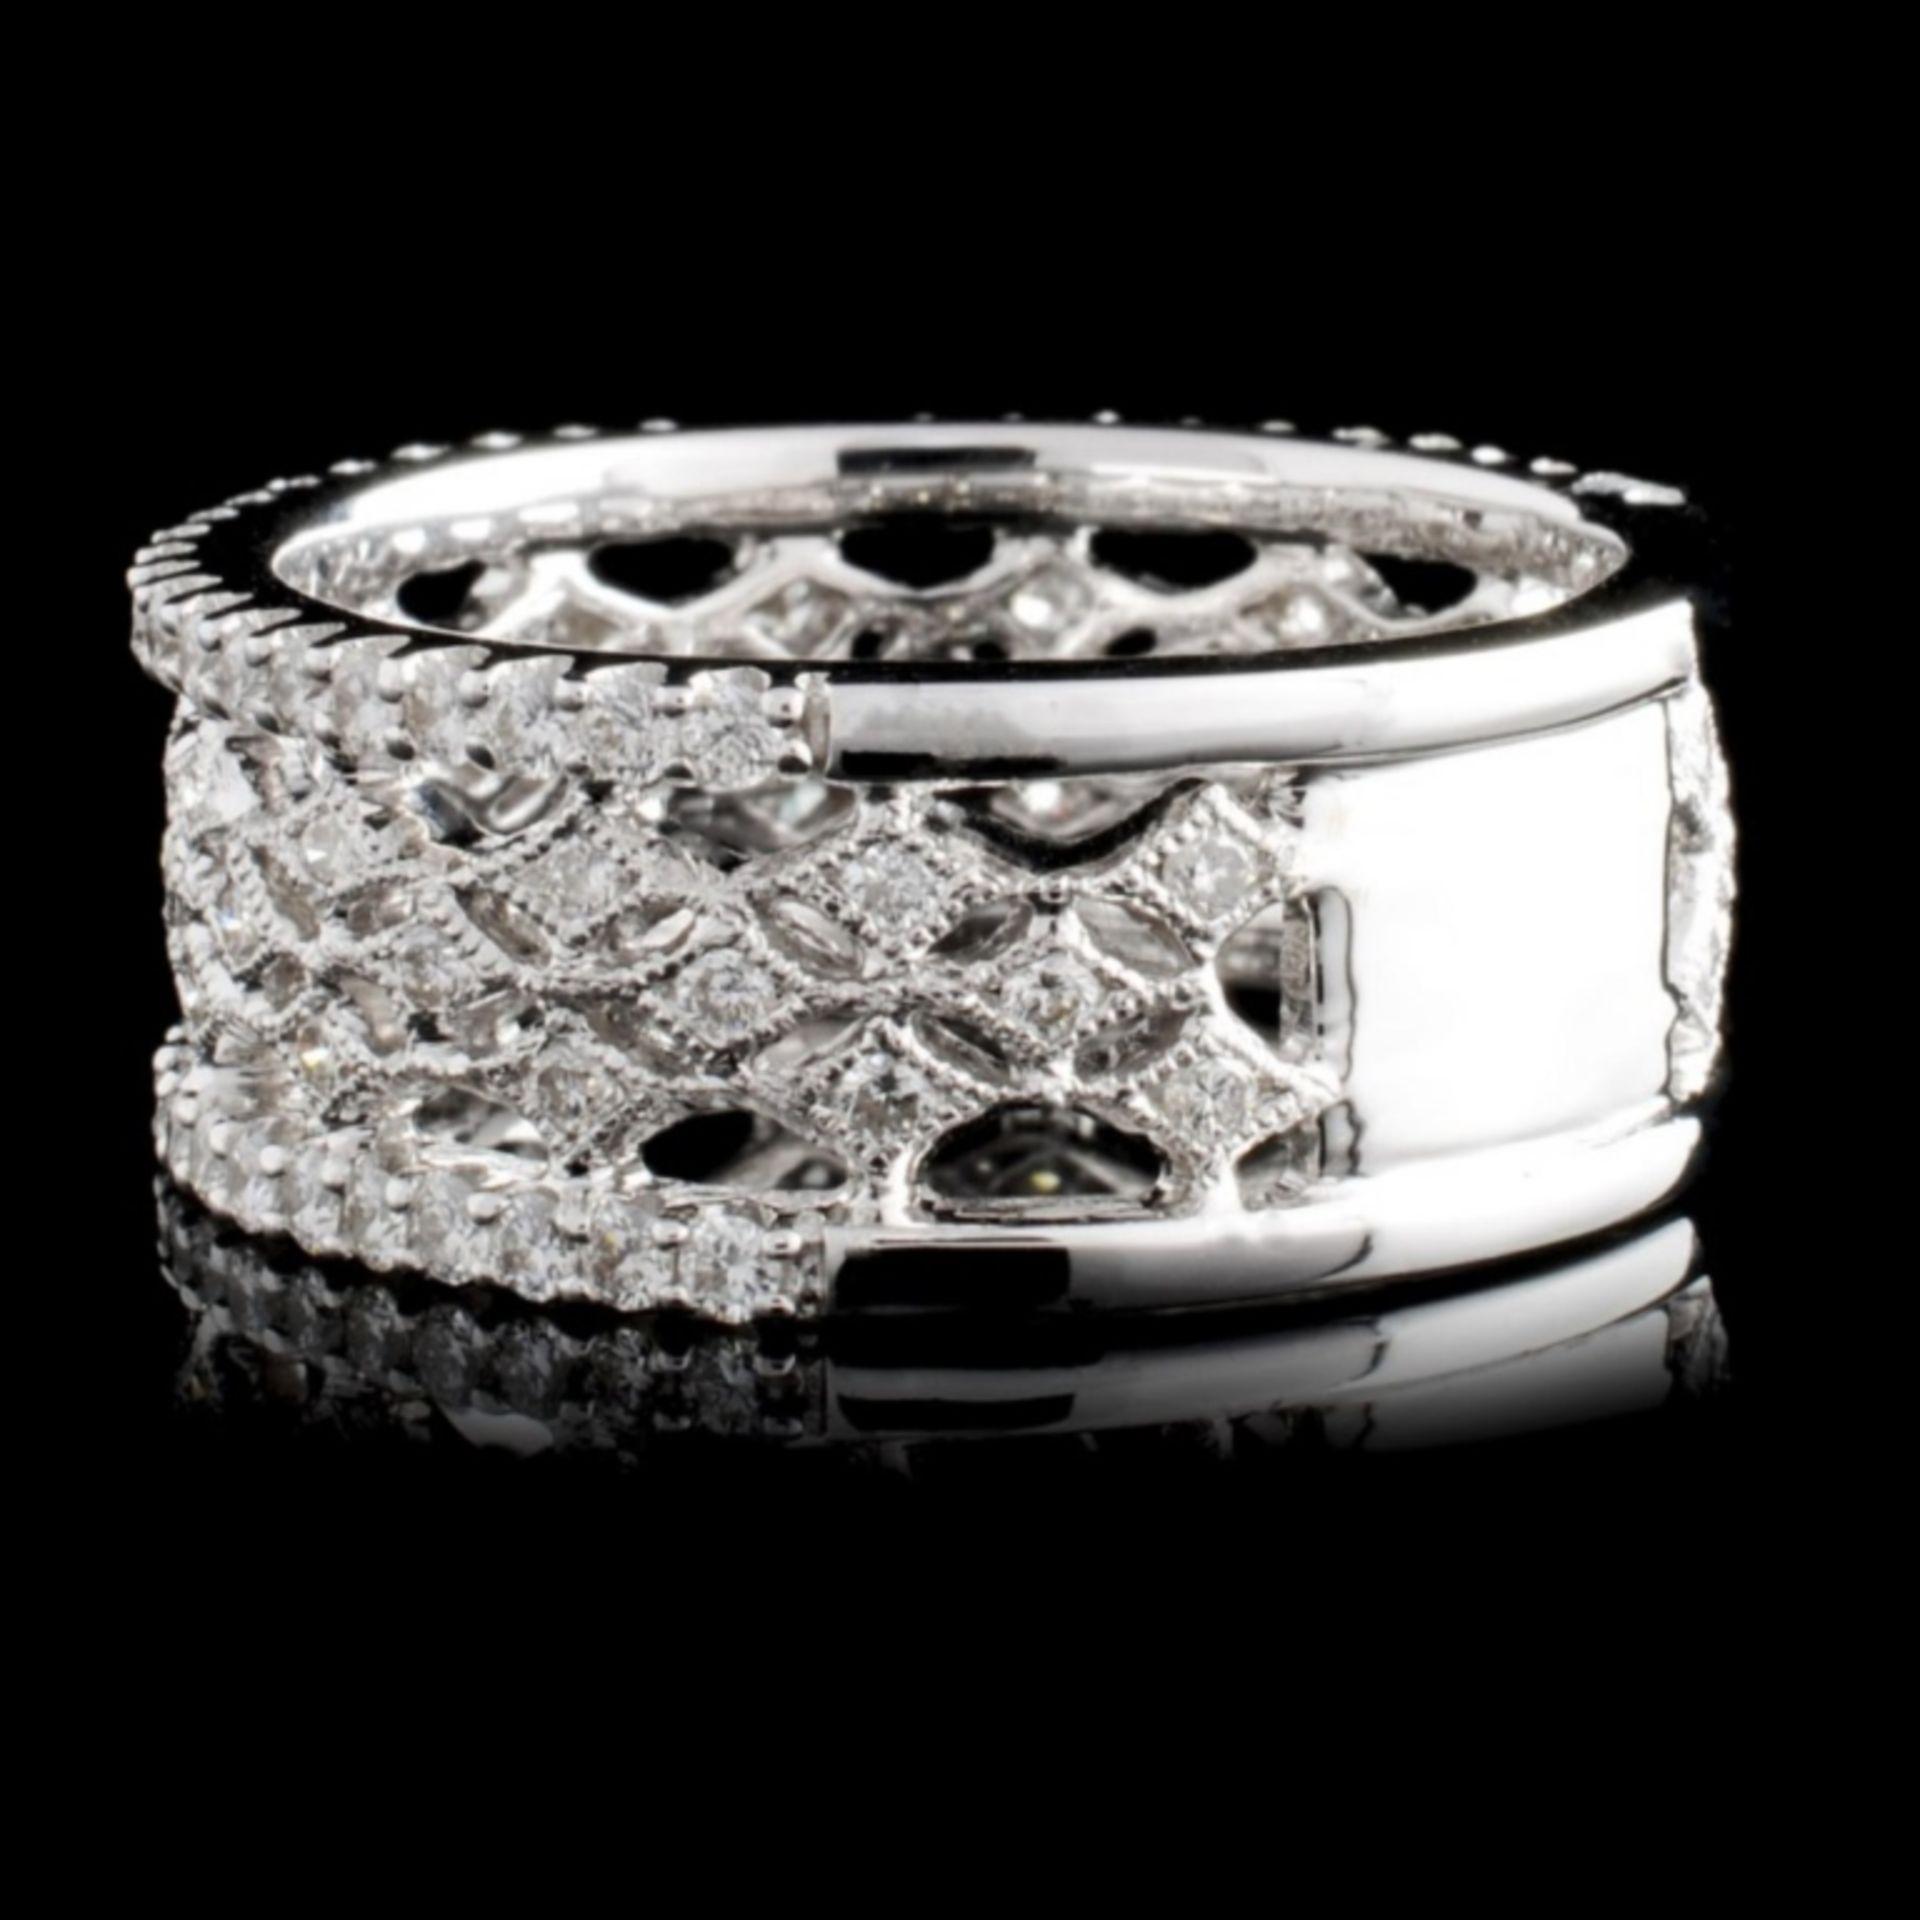 18K White Gold 0.95ct Diamond Ring - Image 2 of 3